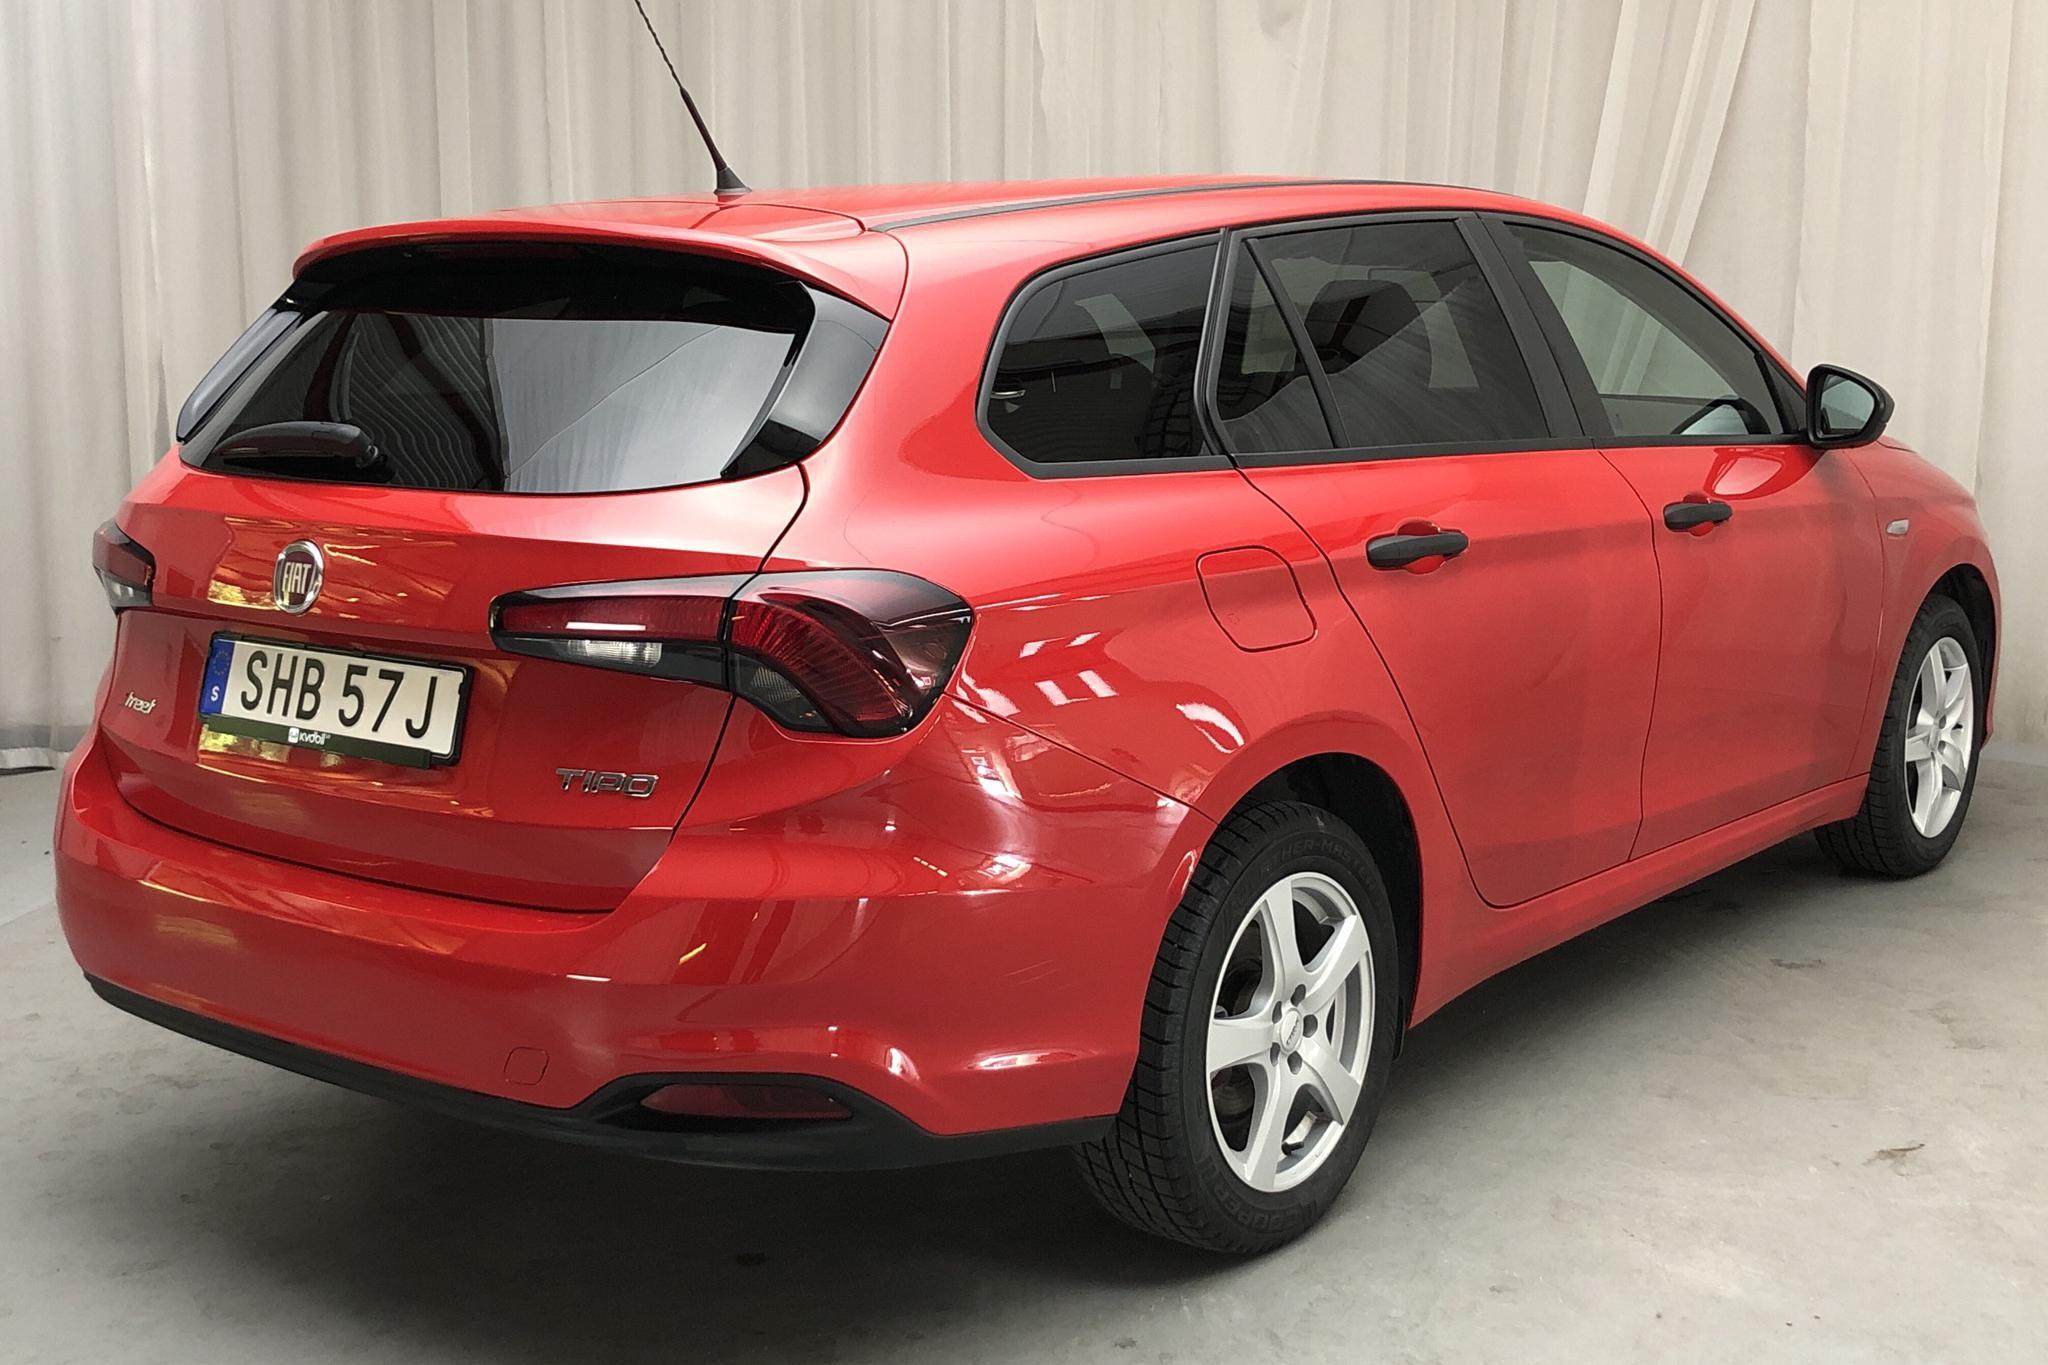 Fiat Tipo 1.4 Kombi (95hk) - 5 368 mil - Manuell - röd - 2019